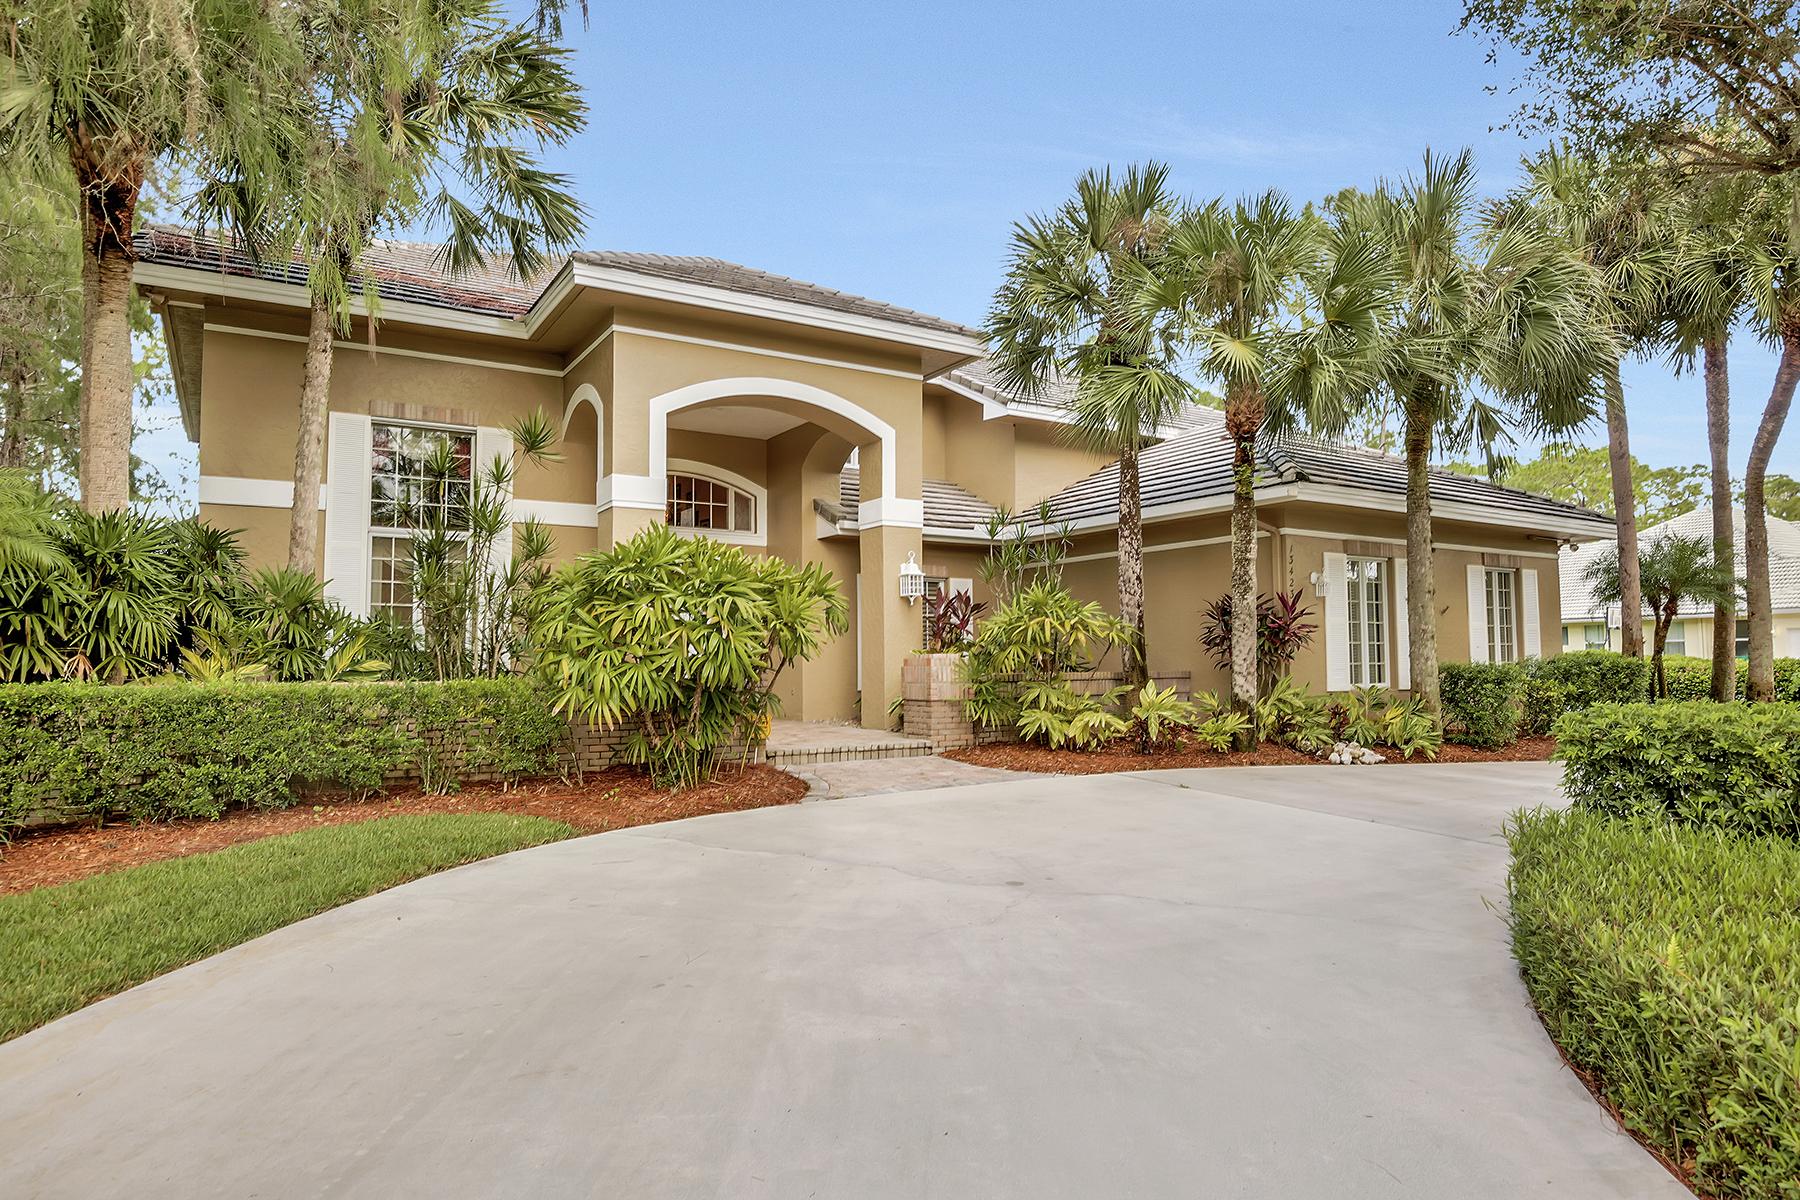 独户住宅 为 销售 在 QUAIL CREEK 13423 Pond Apple Dr E Quail Creek, 那不勒斯, 佛罗里达州, 34119 美国